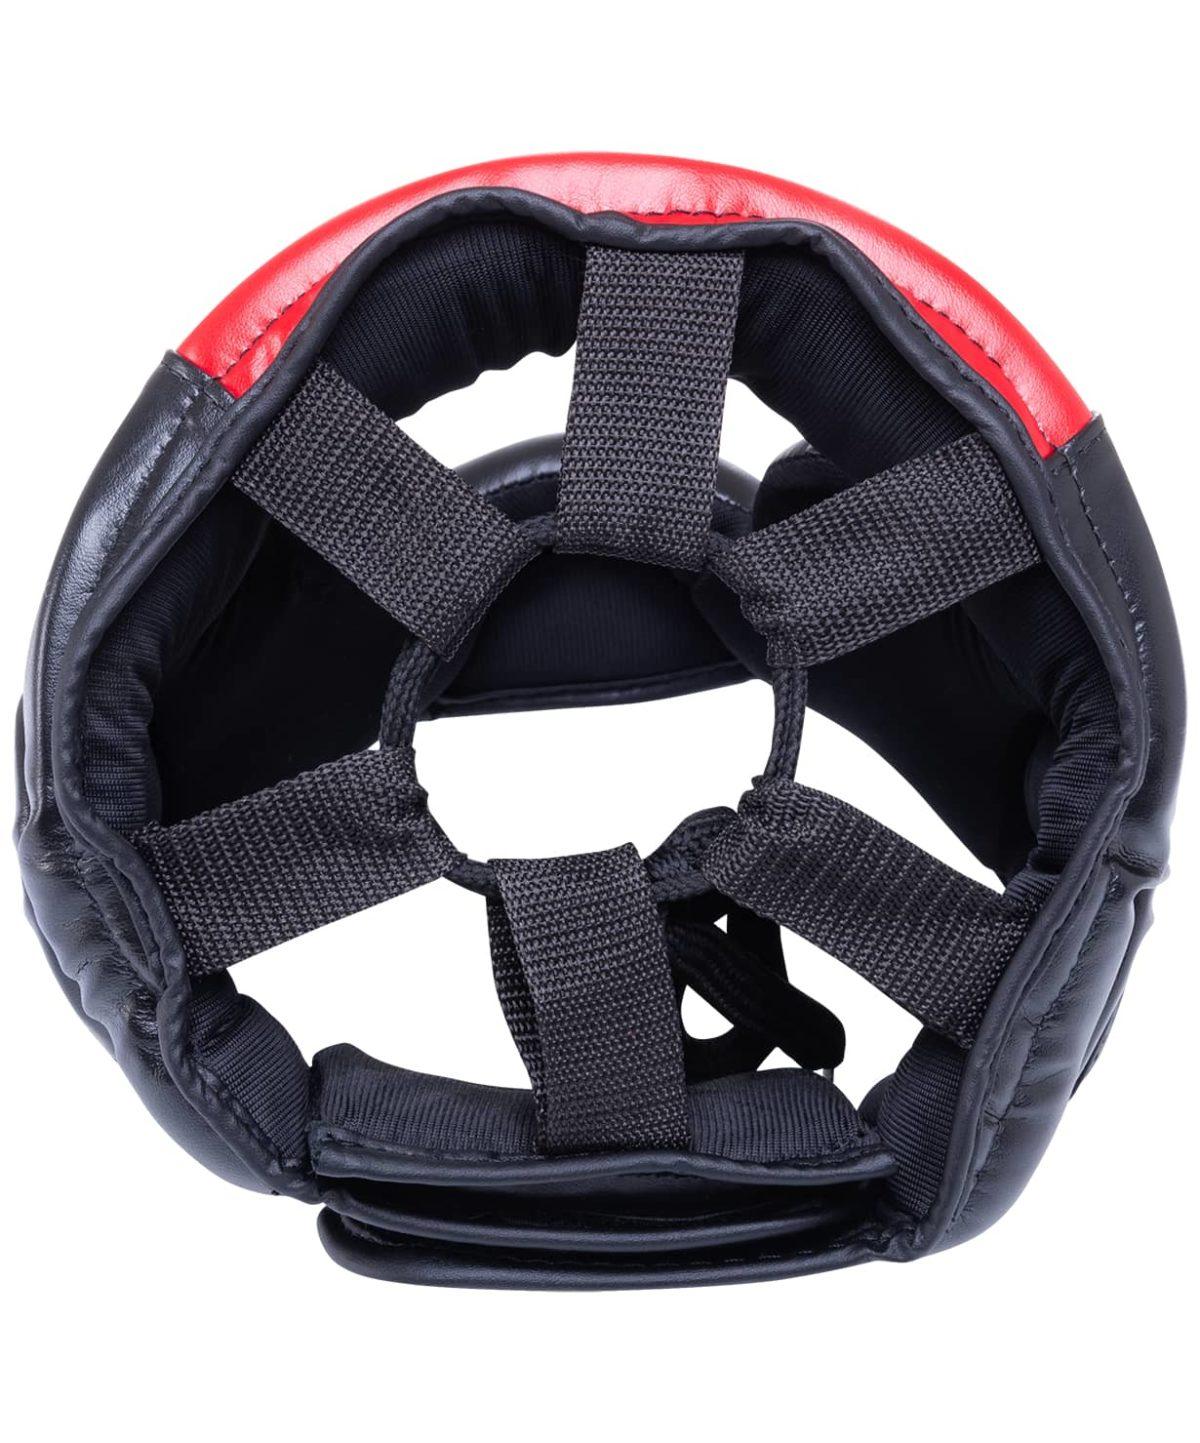 KSA Skull Red шлем закрытый  17908 - 3